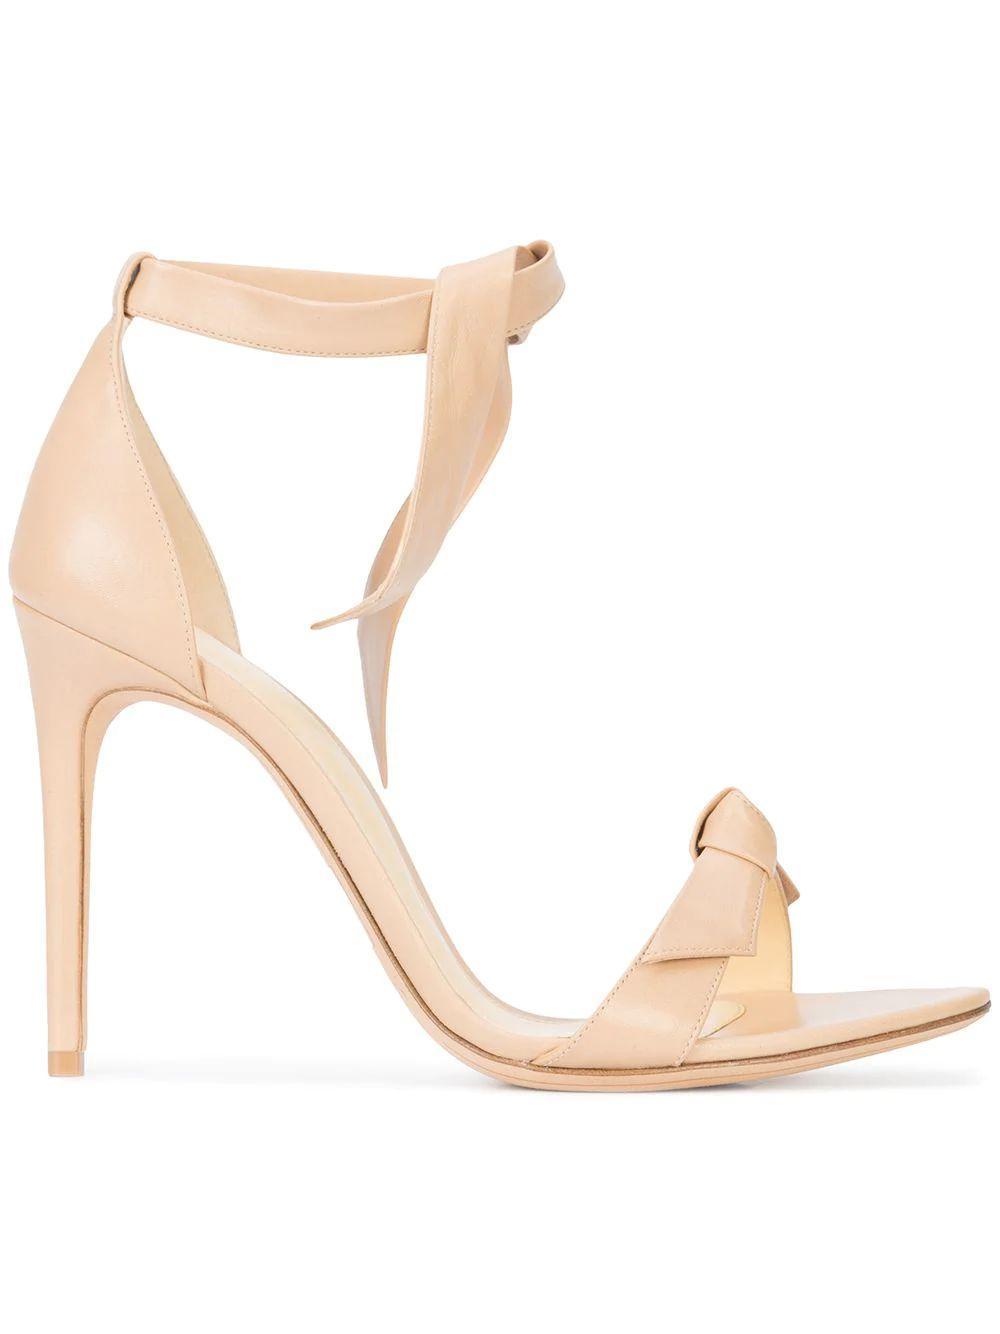 Clarita Nude Tie Ankle Sandals